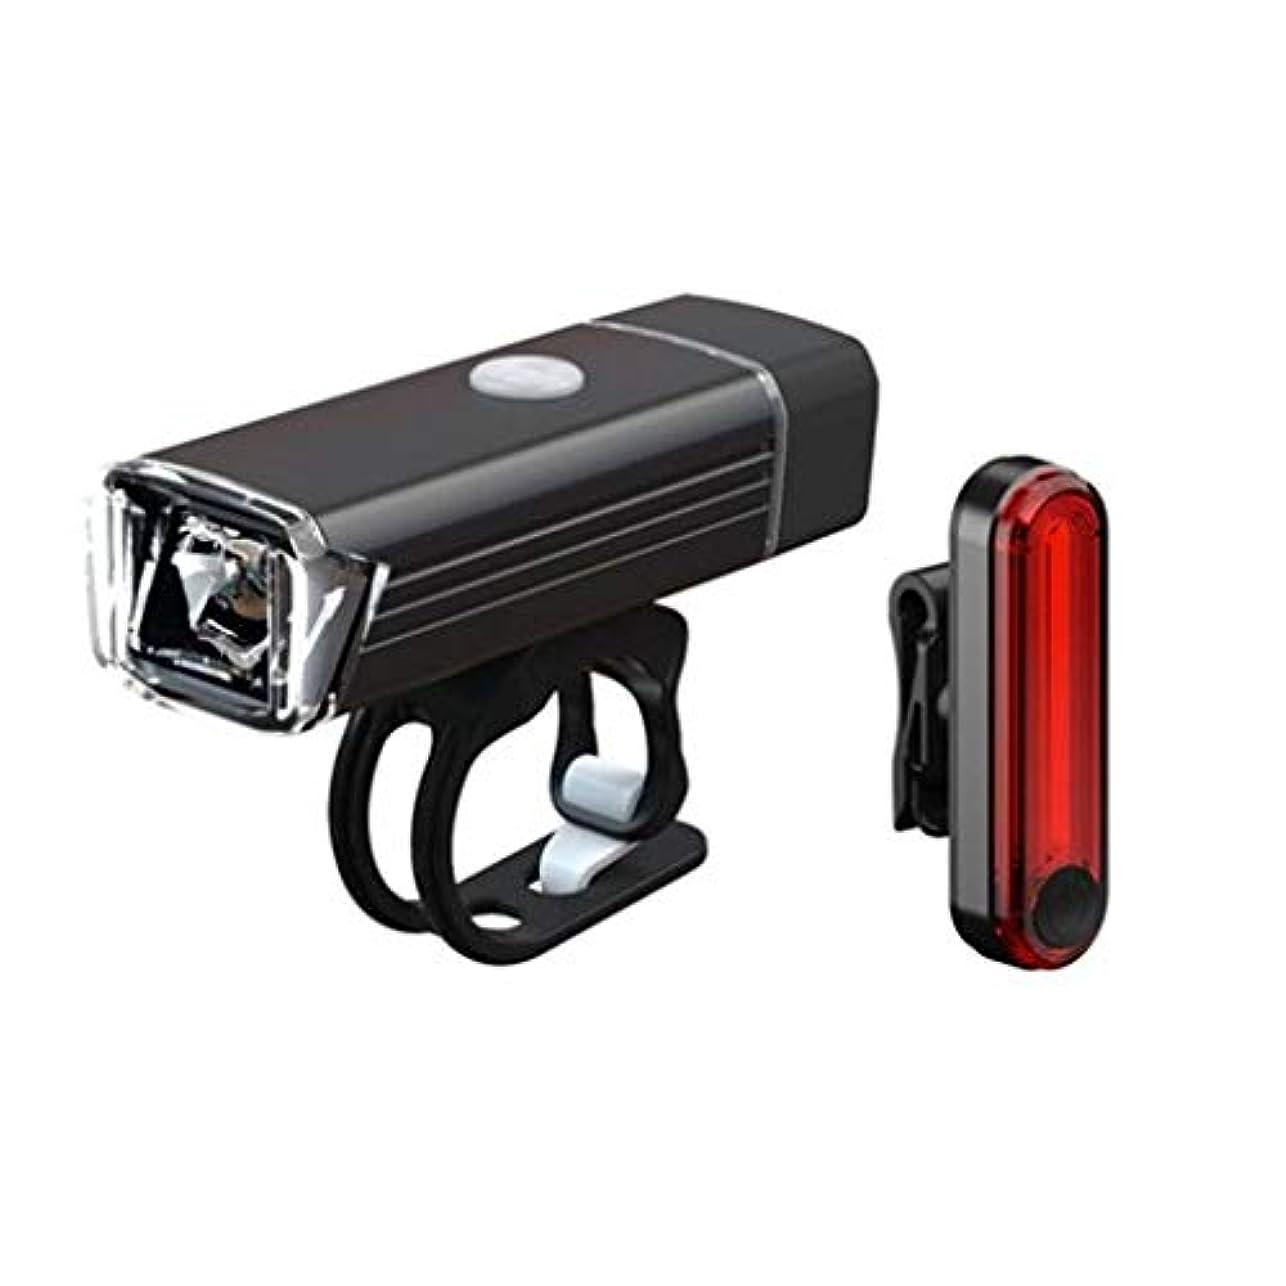 演じるためらう難破船自転車ライトセット USB充電式、新しい 自転車ヘッドライトテールライト 防水 LED サイクリング、自転車ライト